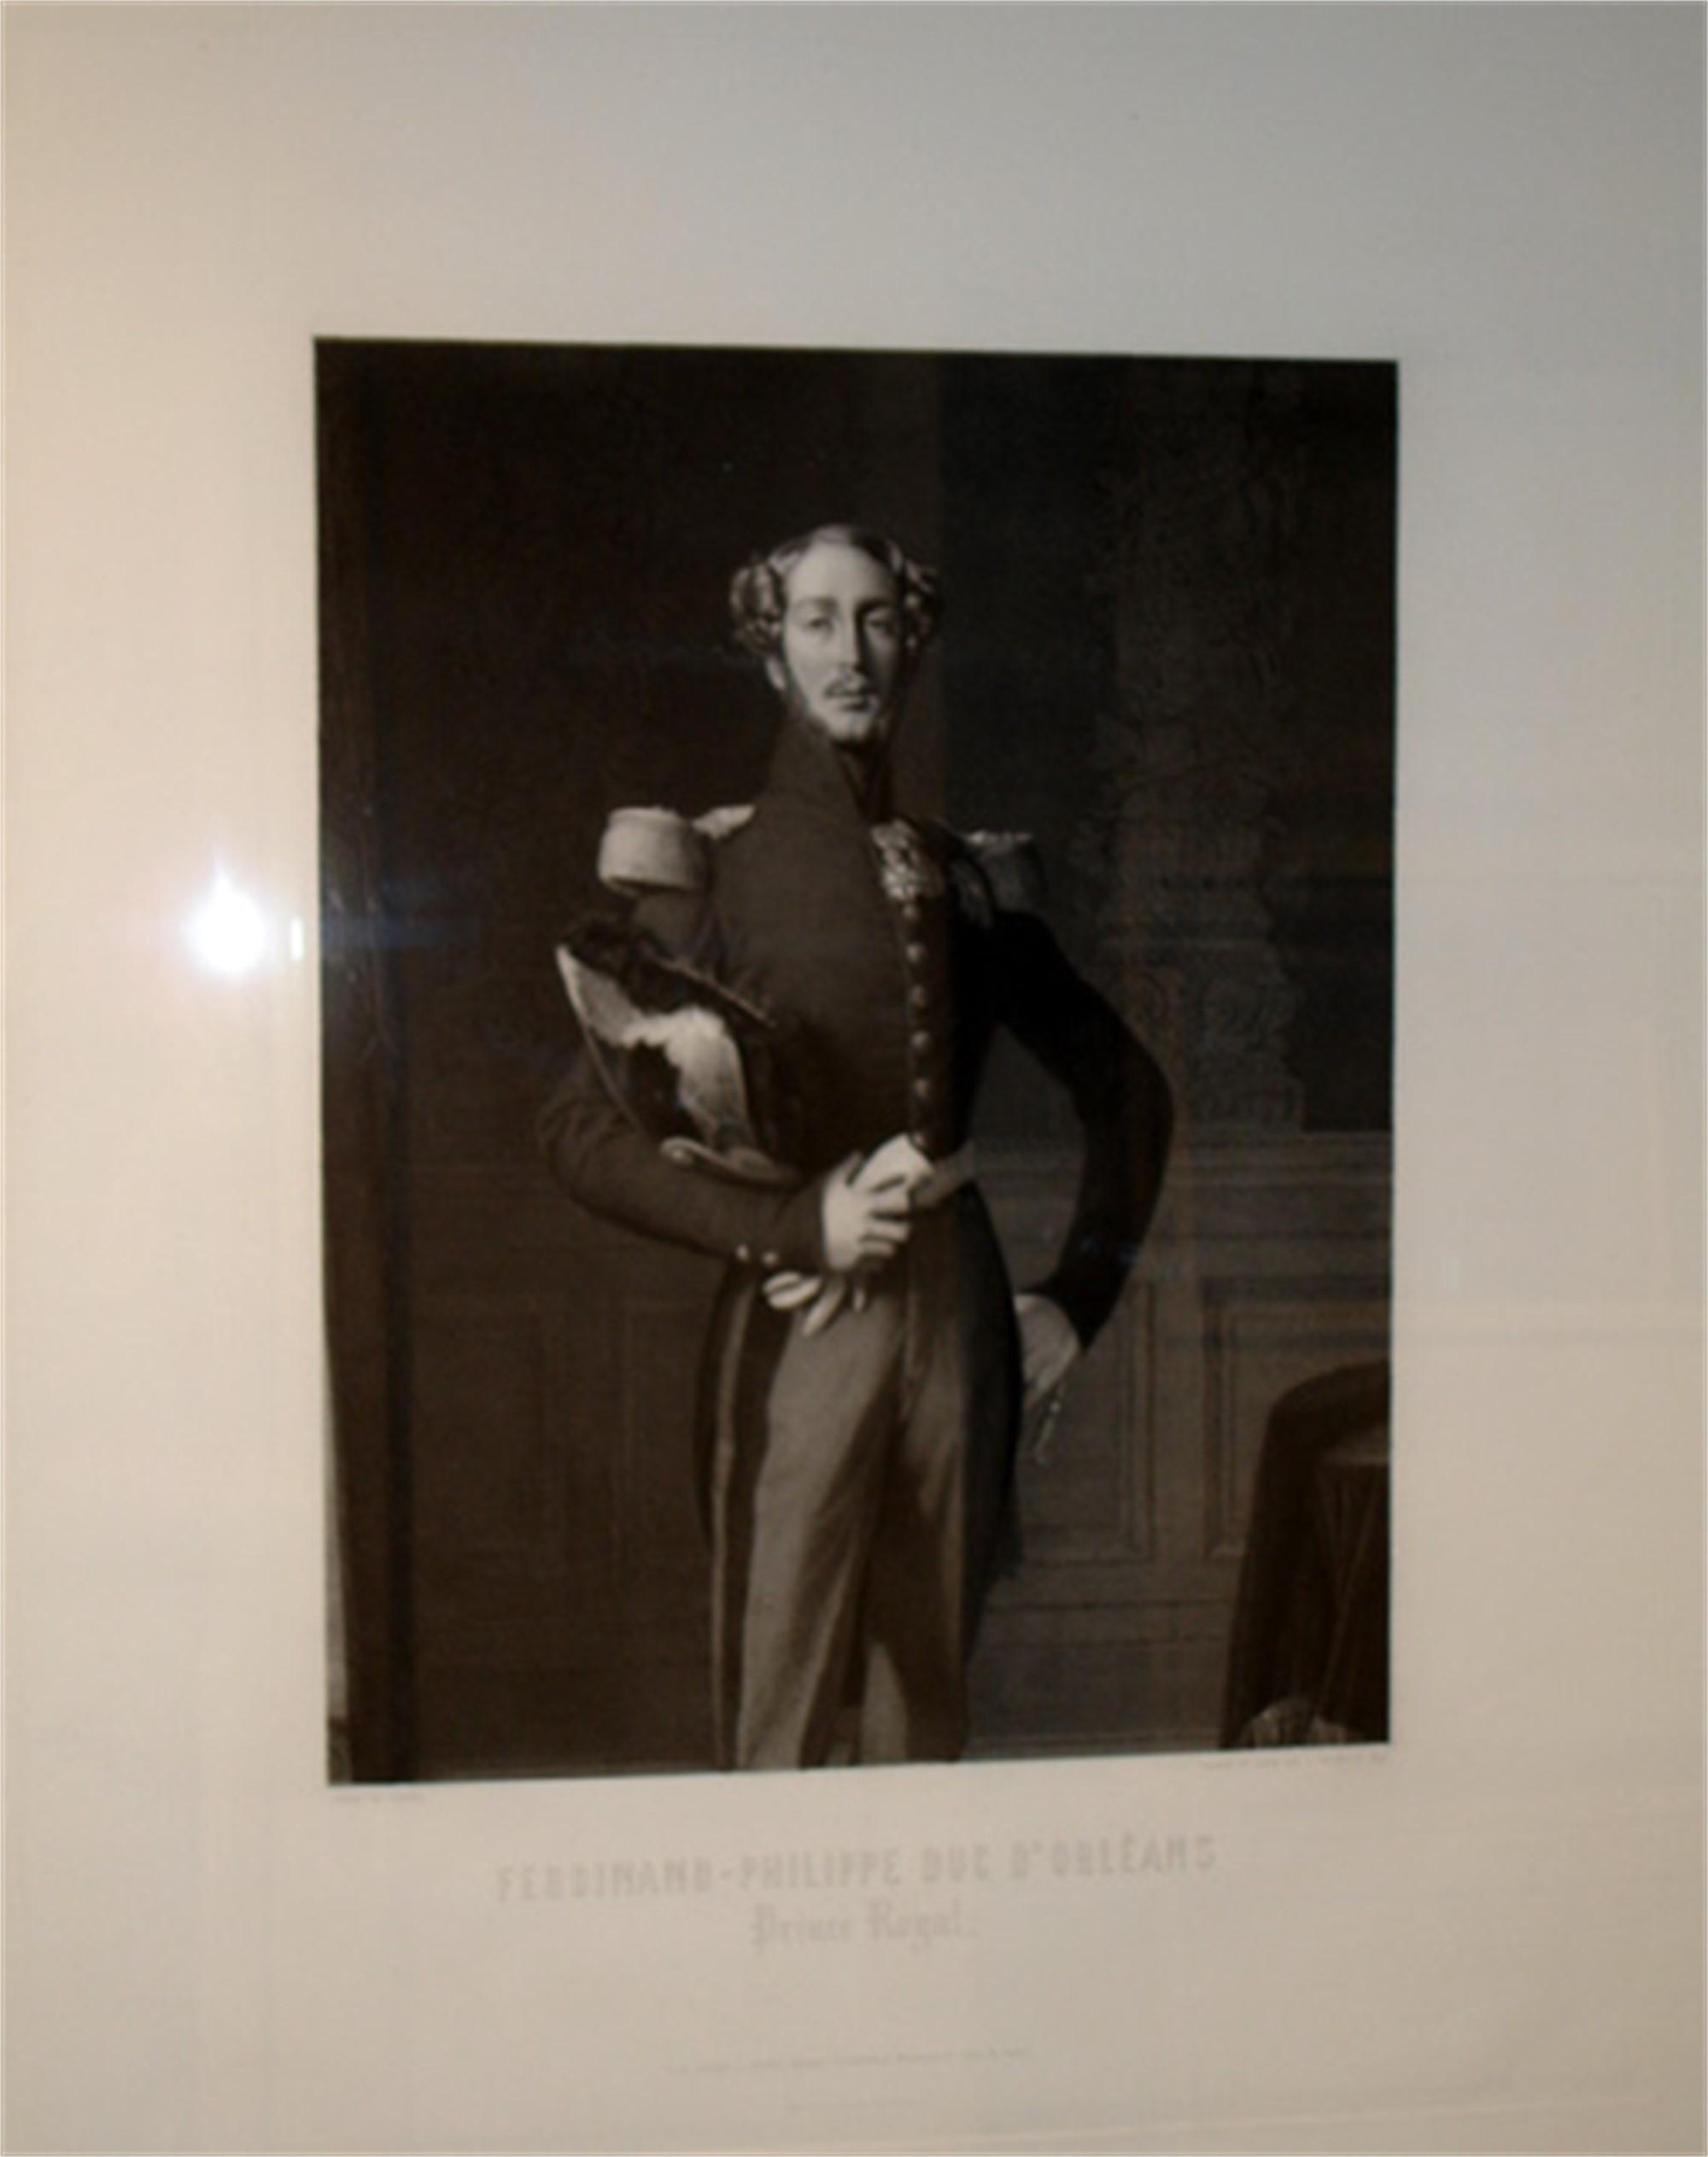 FERDINAND PHILLIPPE, DUC D'ORLEANS